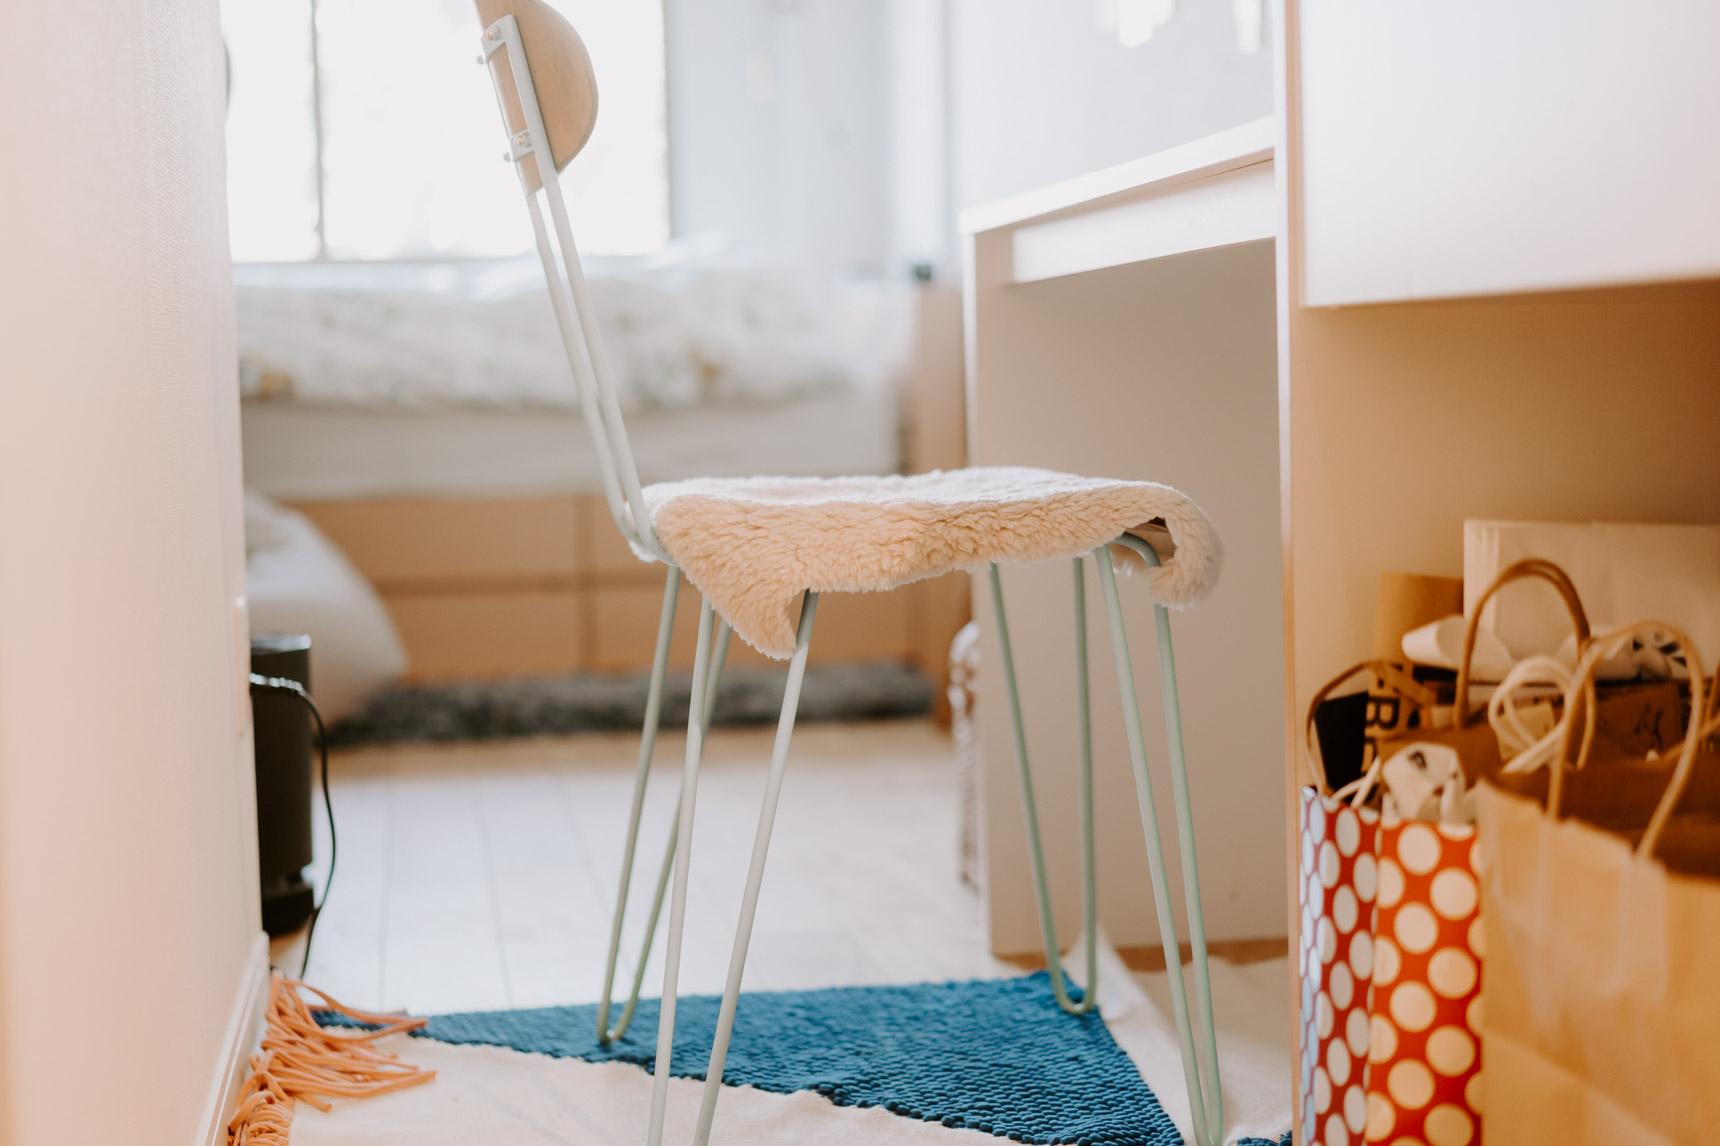 キッチン横のテーブルに合わせている椅子は、NOCEで見つけたもの。合わせているのは、蚤の市で見つけたポルトガル「GUR」のラグ。